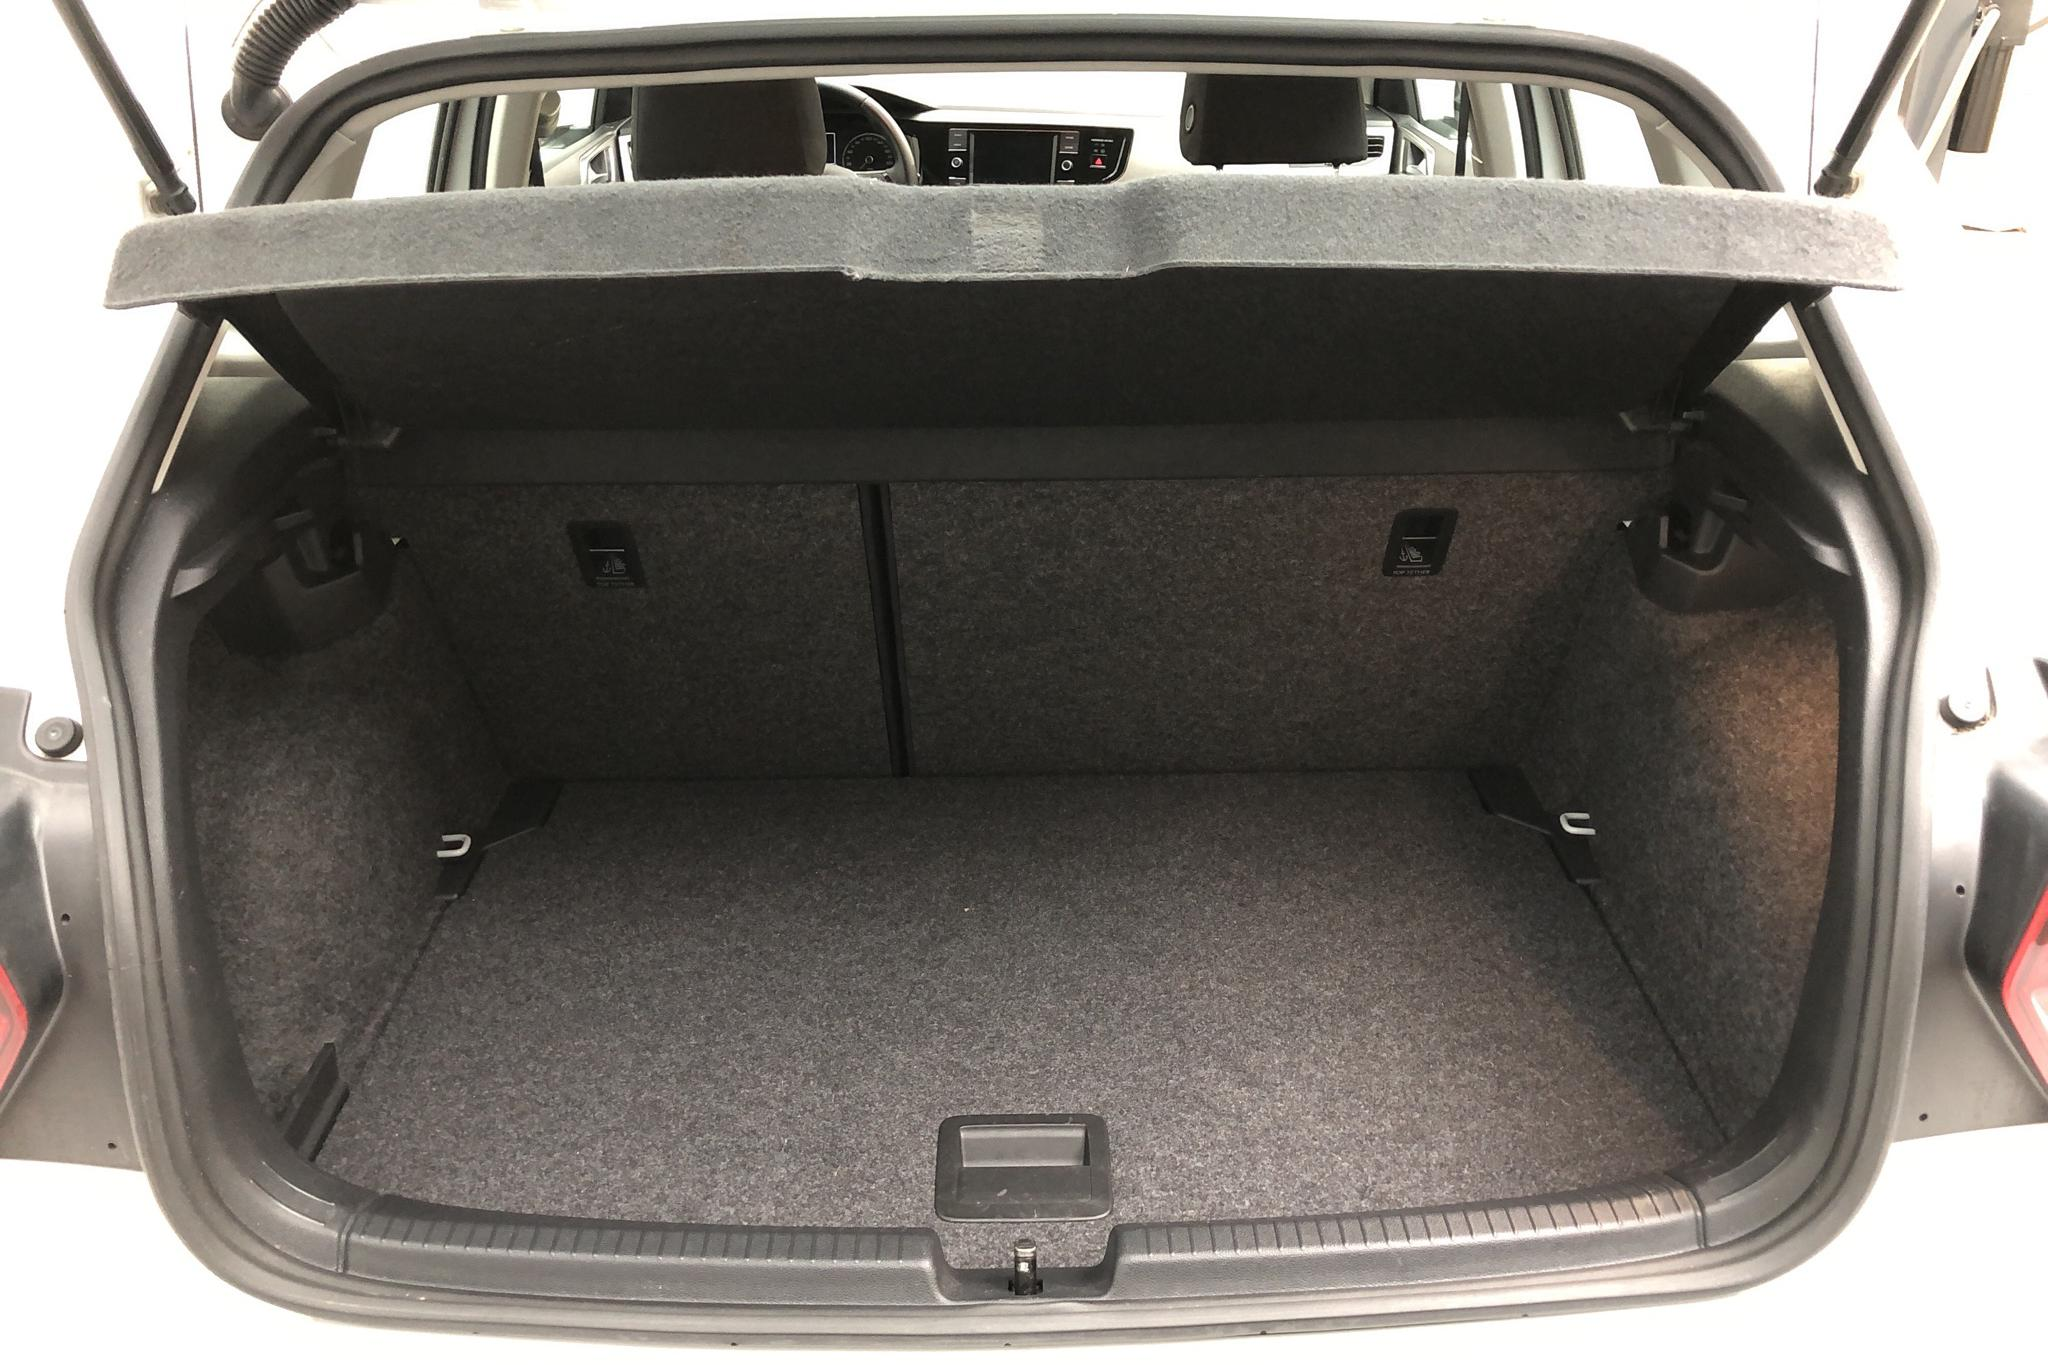 VW Polo 1.0 TSI 5dr (95hk) - 45 260 km - Manual - white - 2019